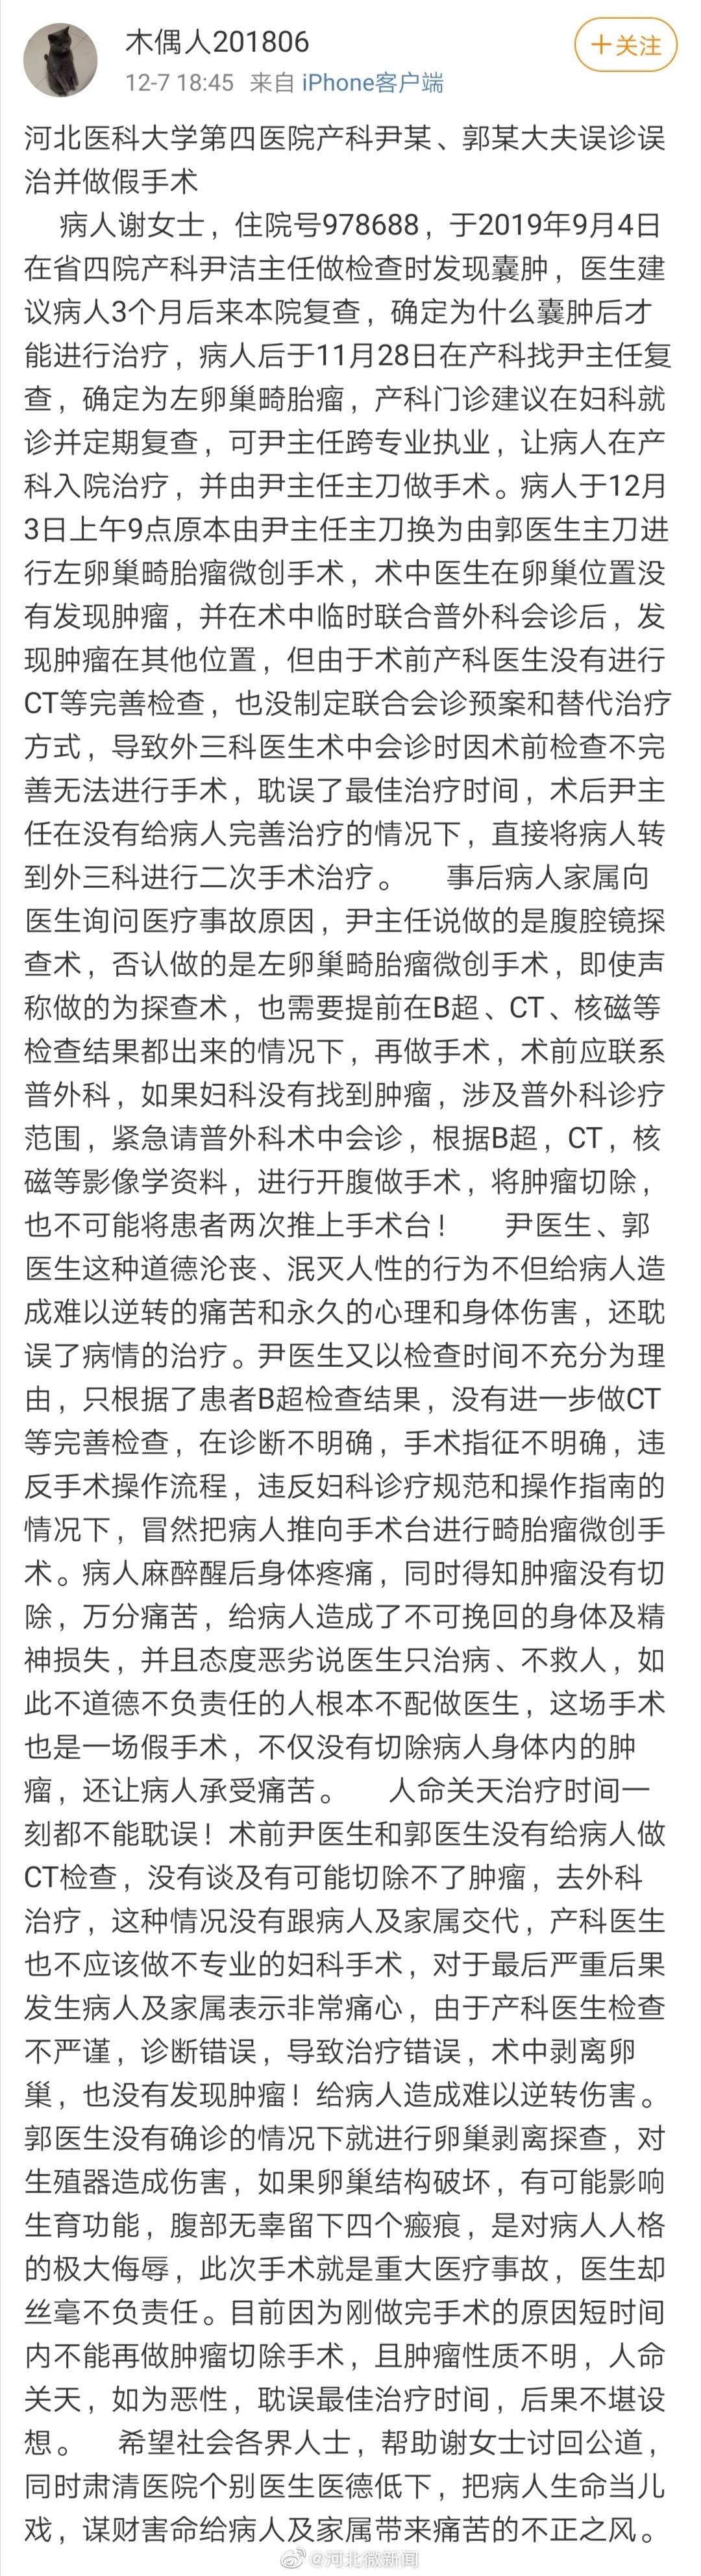 """省四院产科疑似""""医疗事故"""",互相推脱,这锅谁背"""